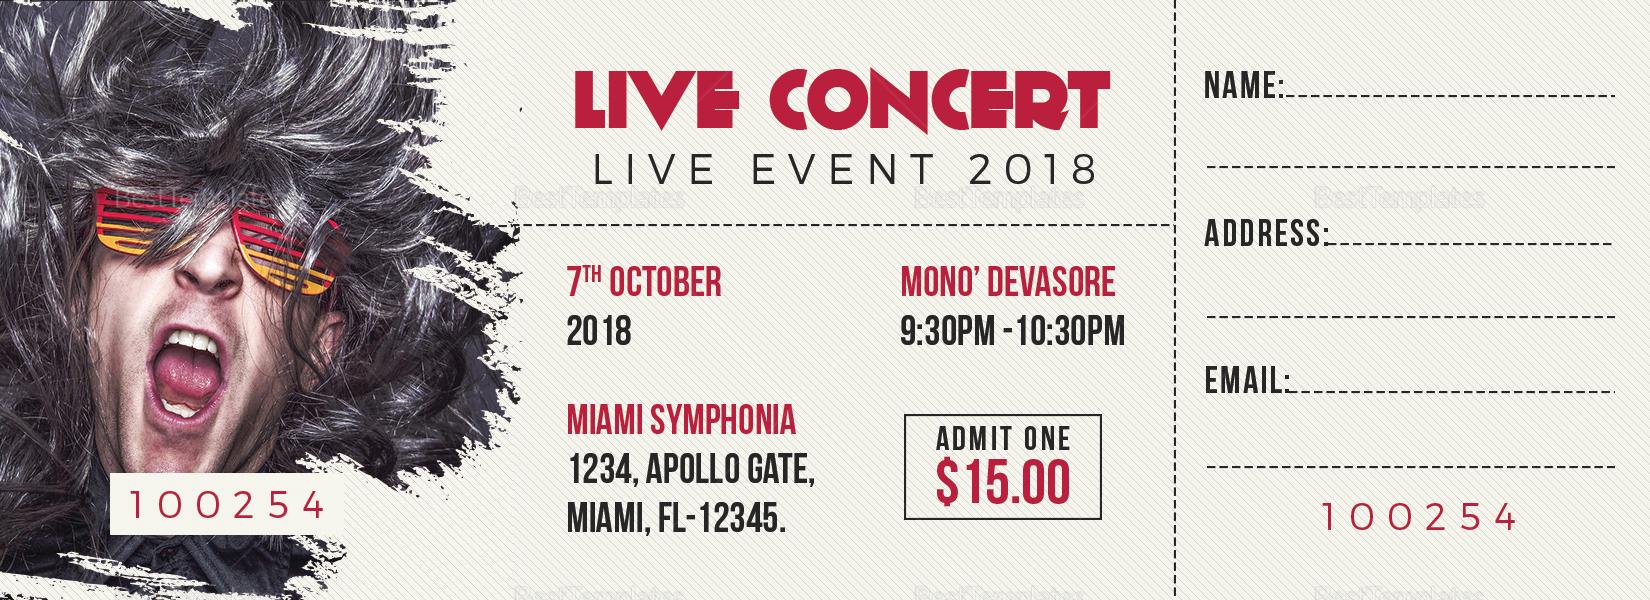 concert ticket design template